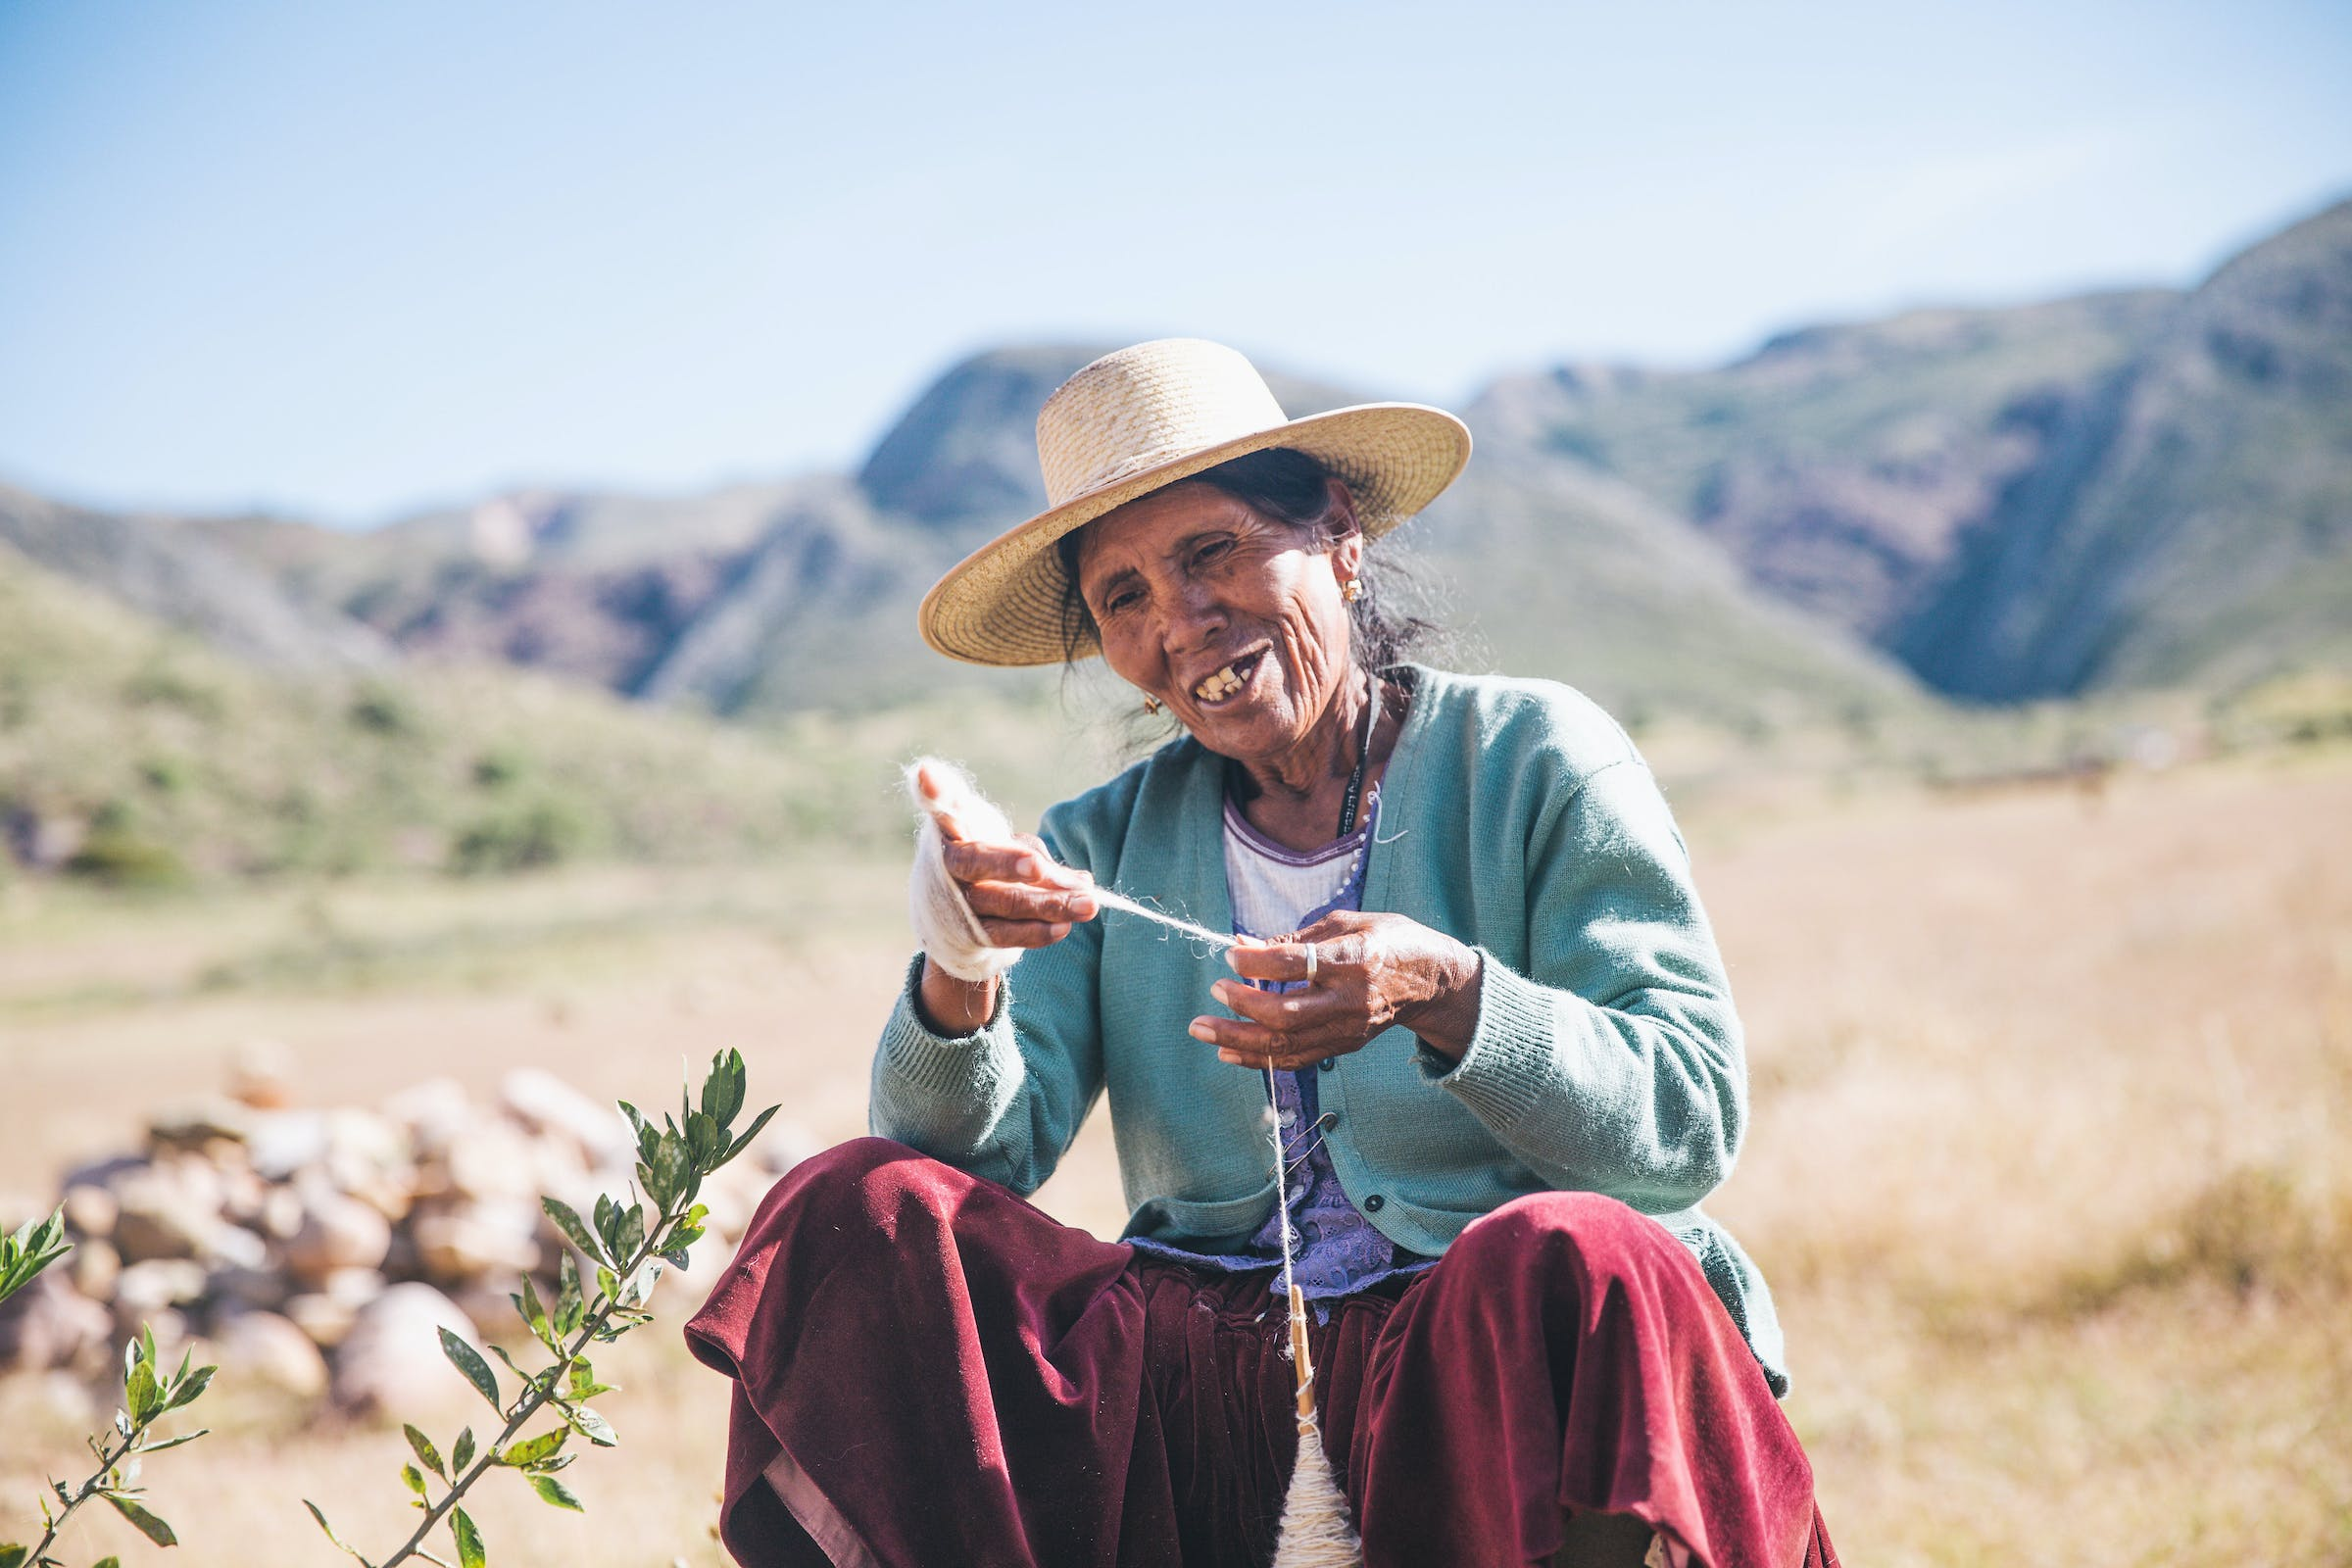 Elderly Boliivan woman in hat making yarn from wool